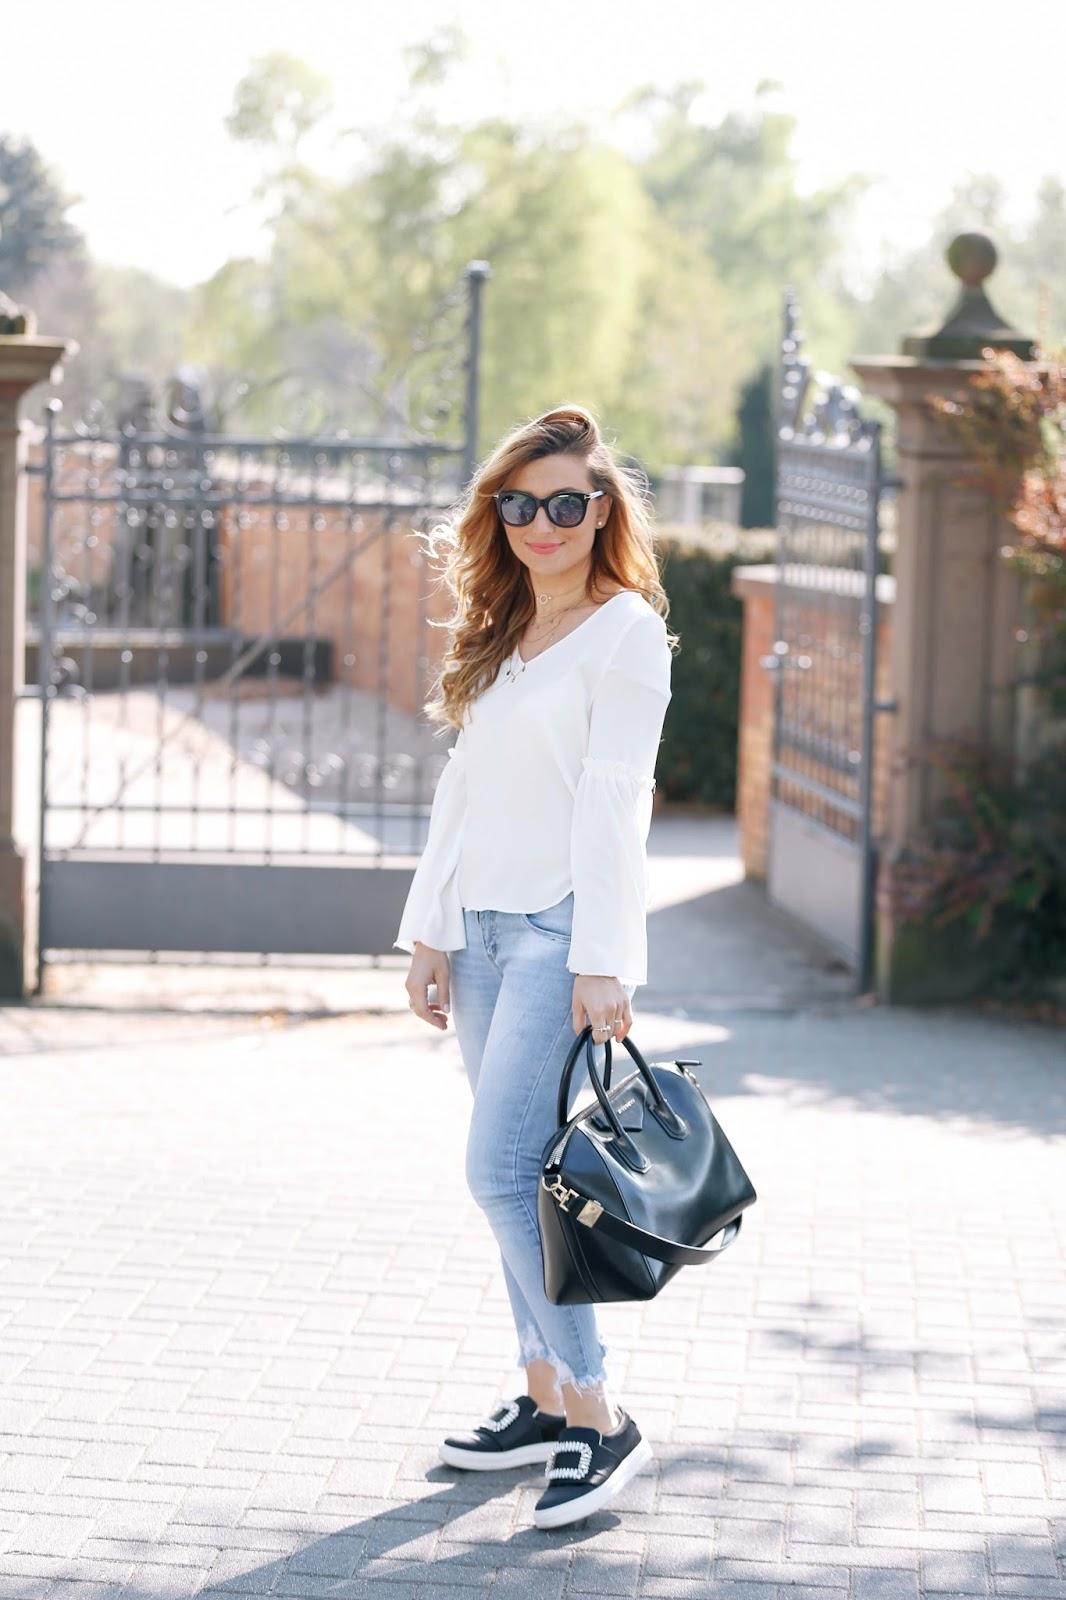 wie trage ich eine weiße bluse chic und cool?